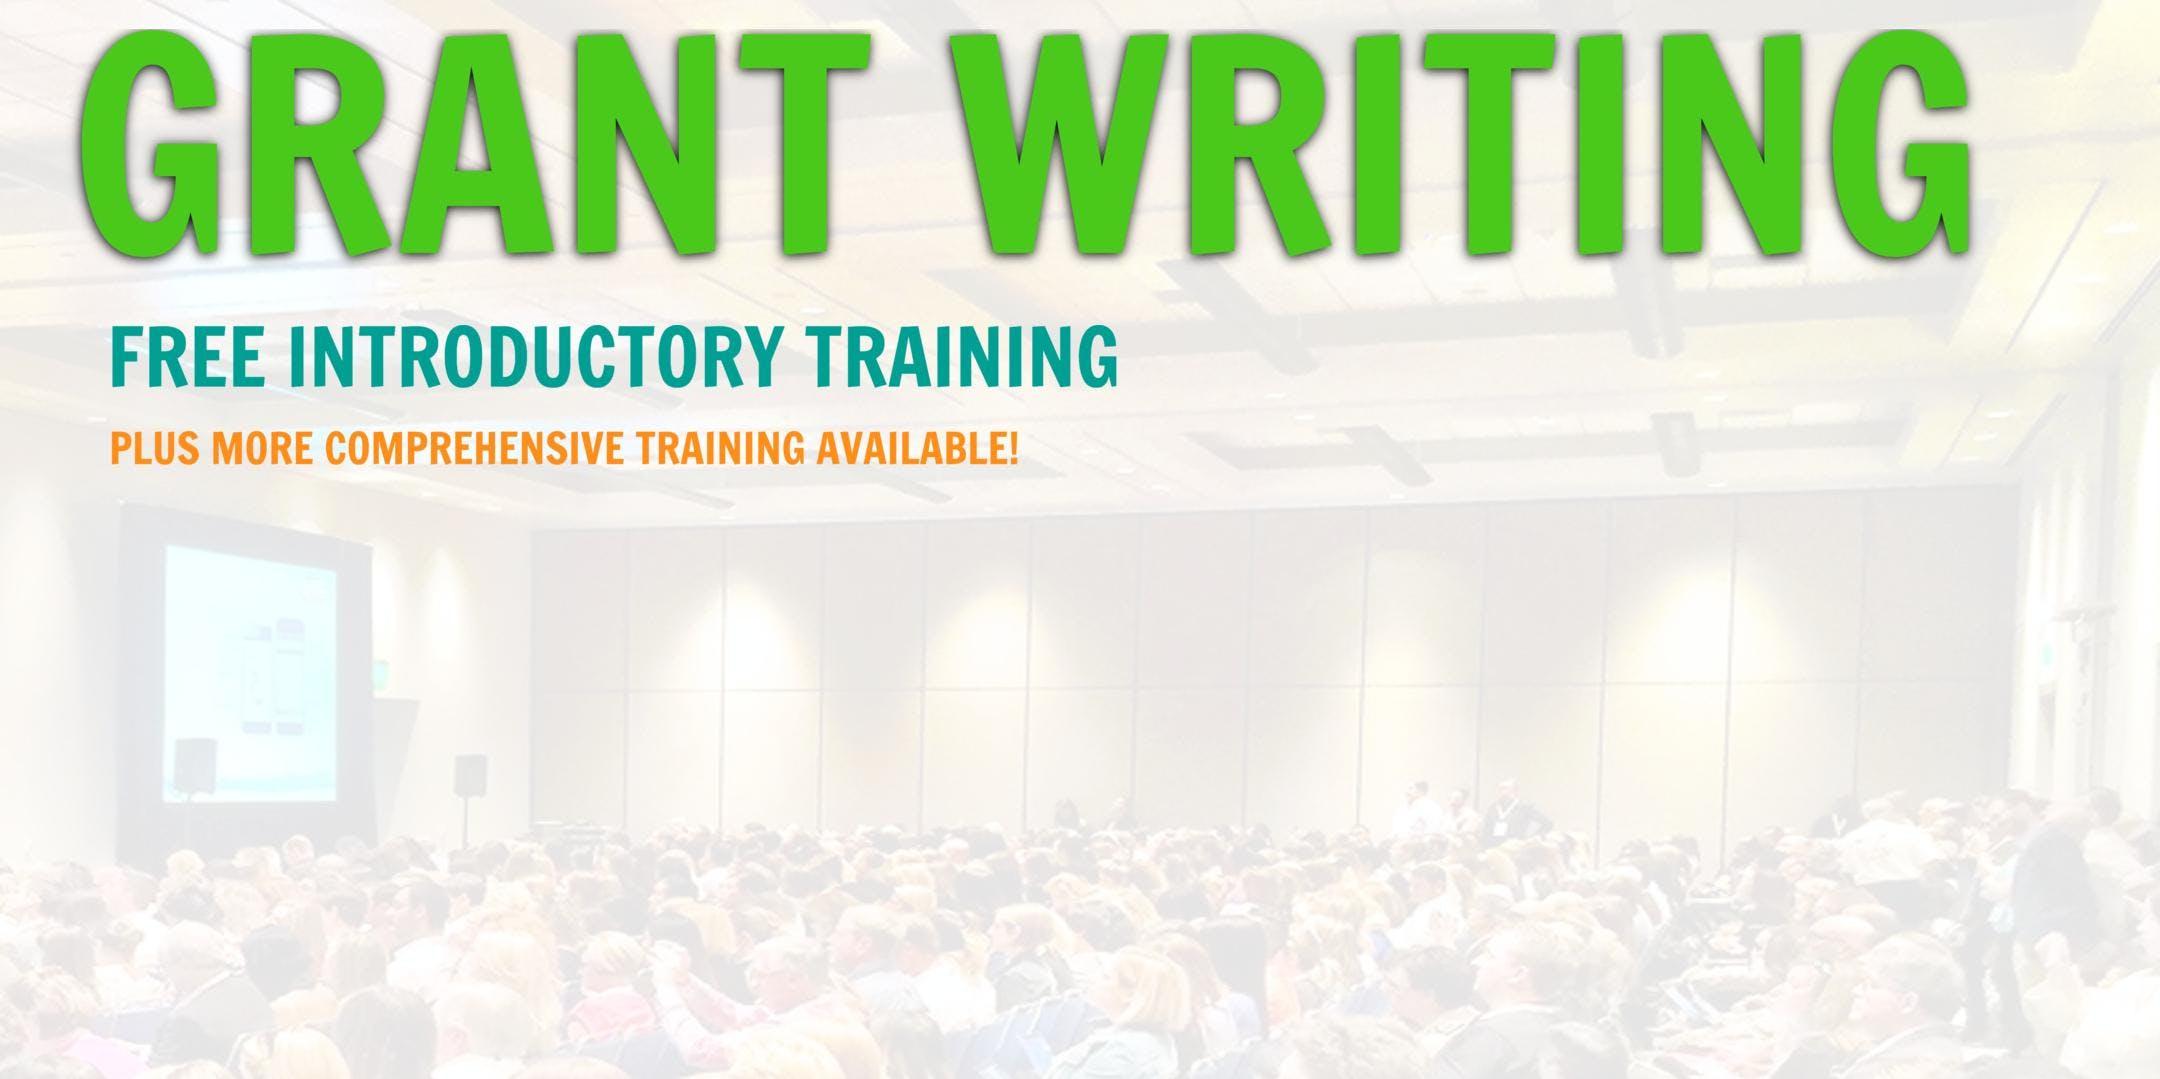 Grant Writing Introductory Training... Birmi